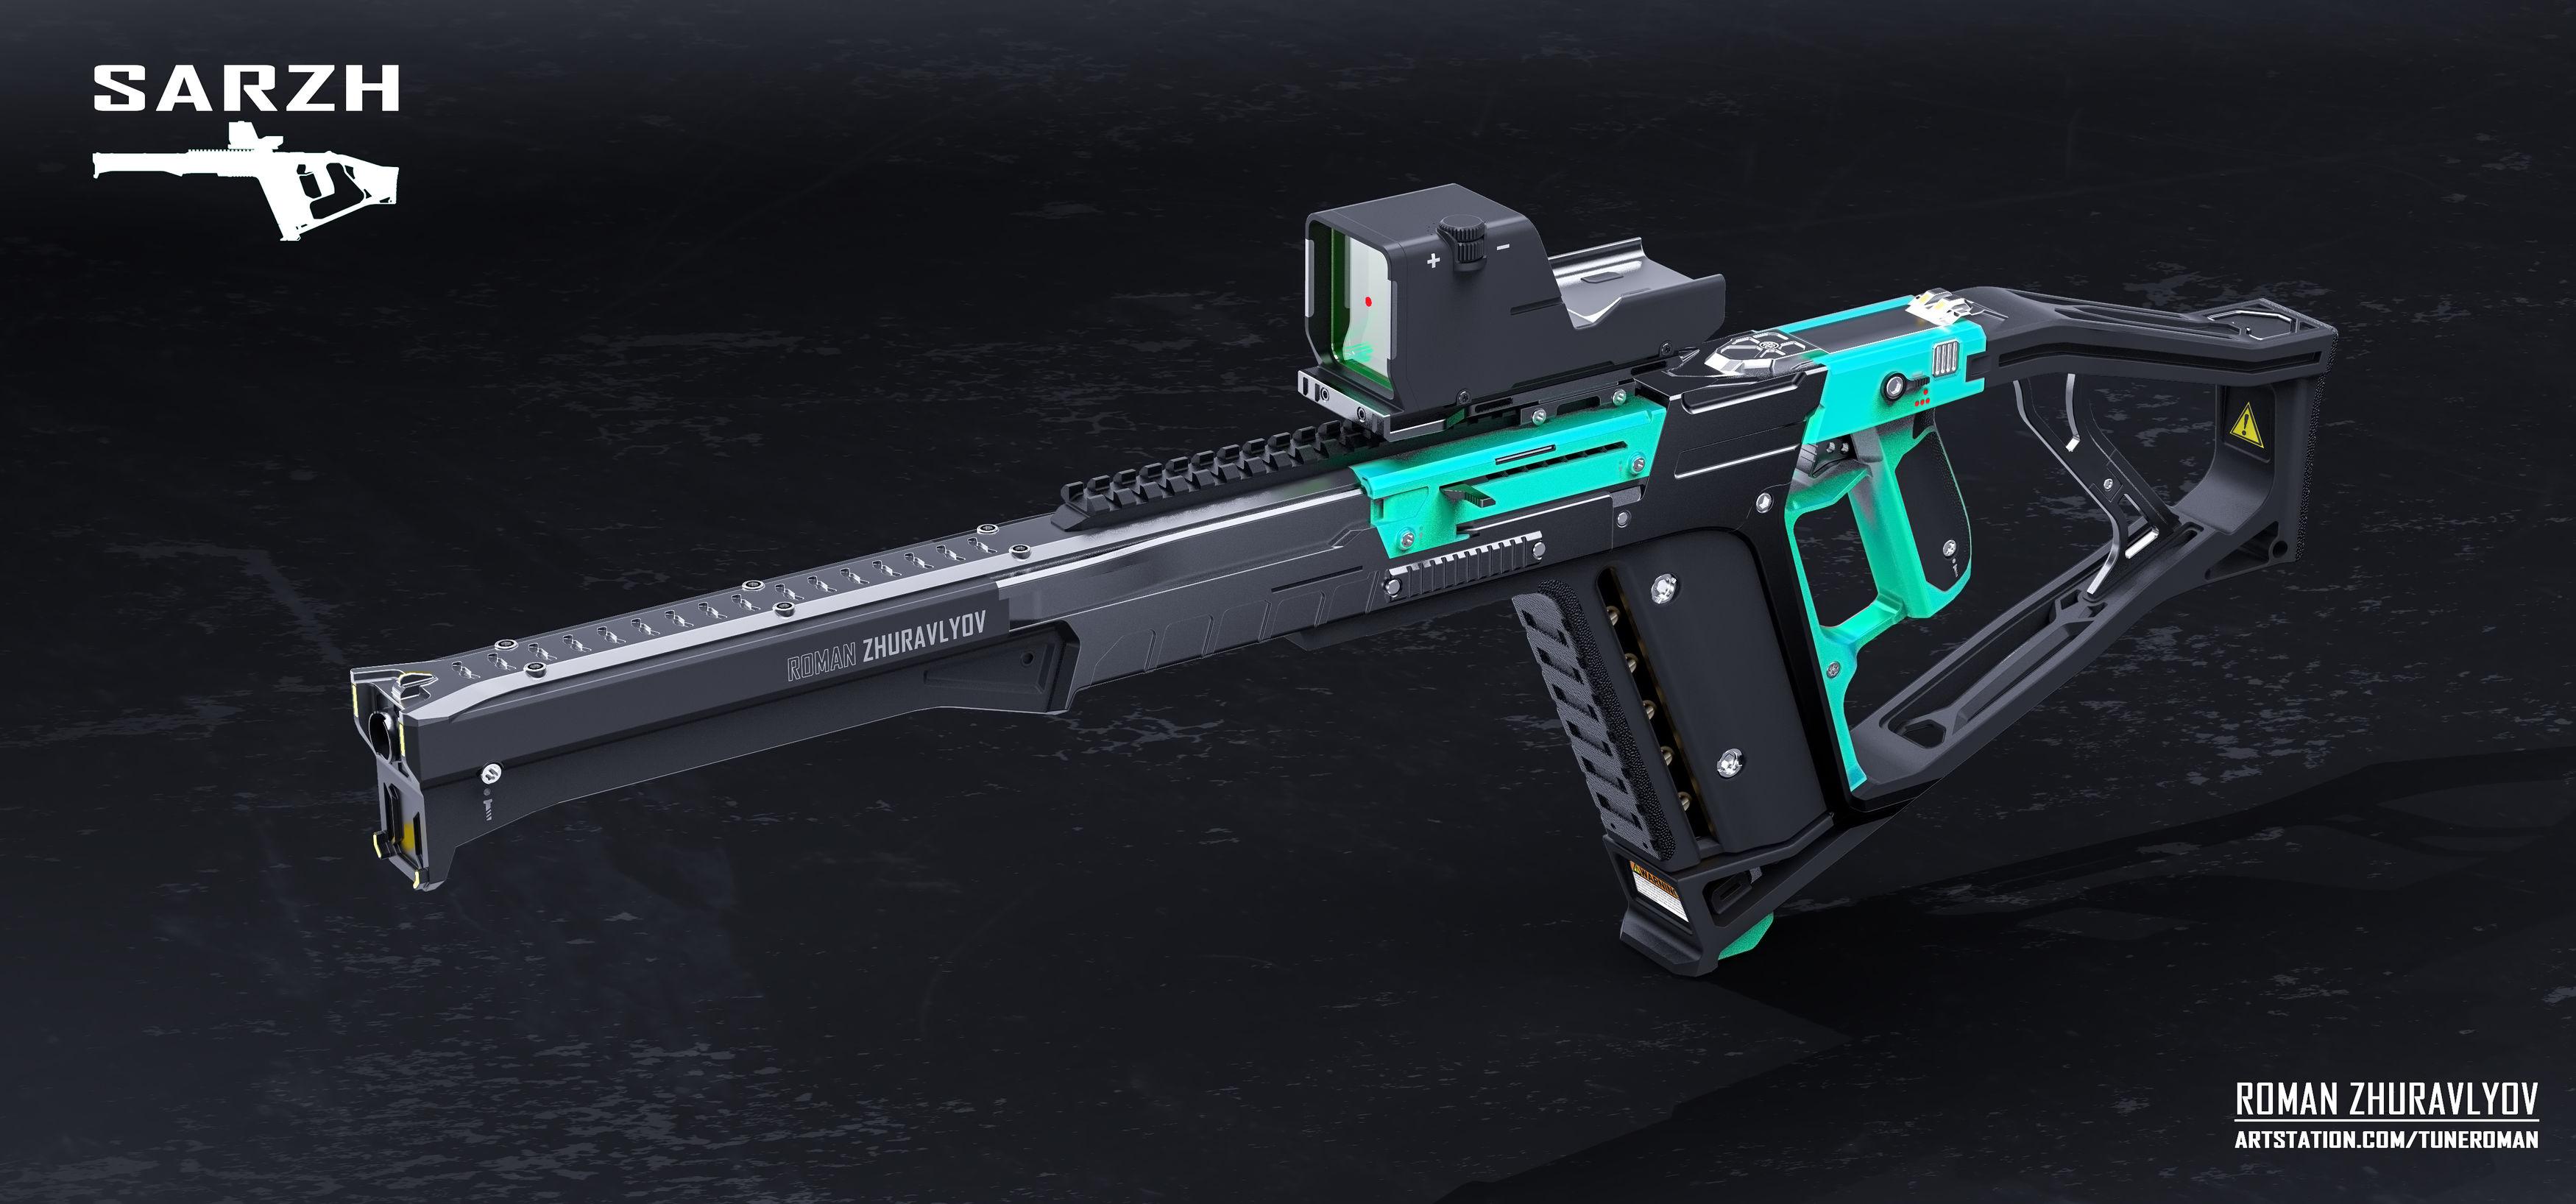 Sarzh-1-5k-3500-3500